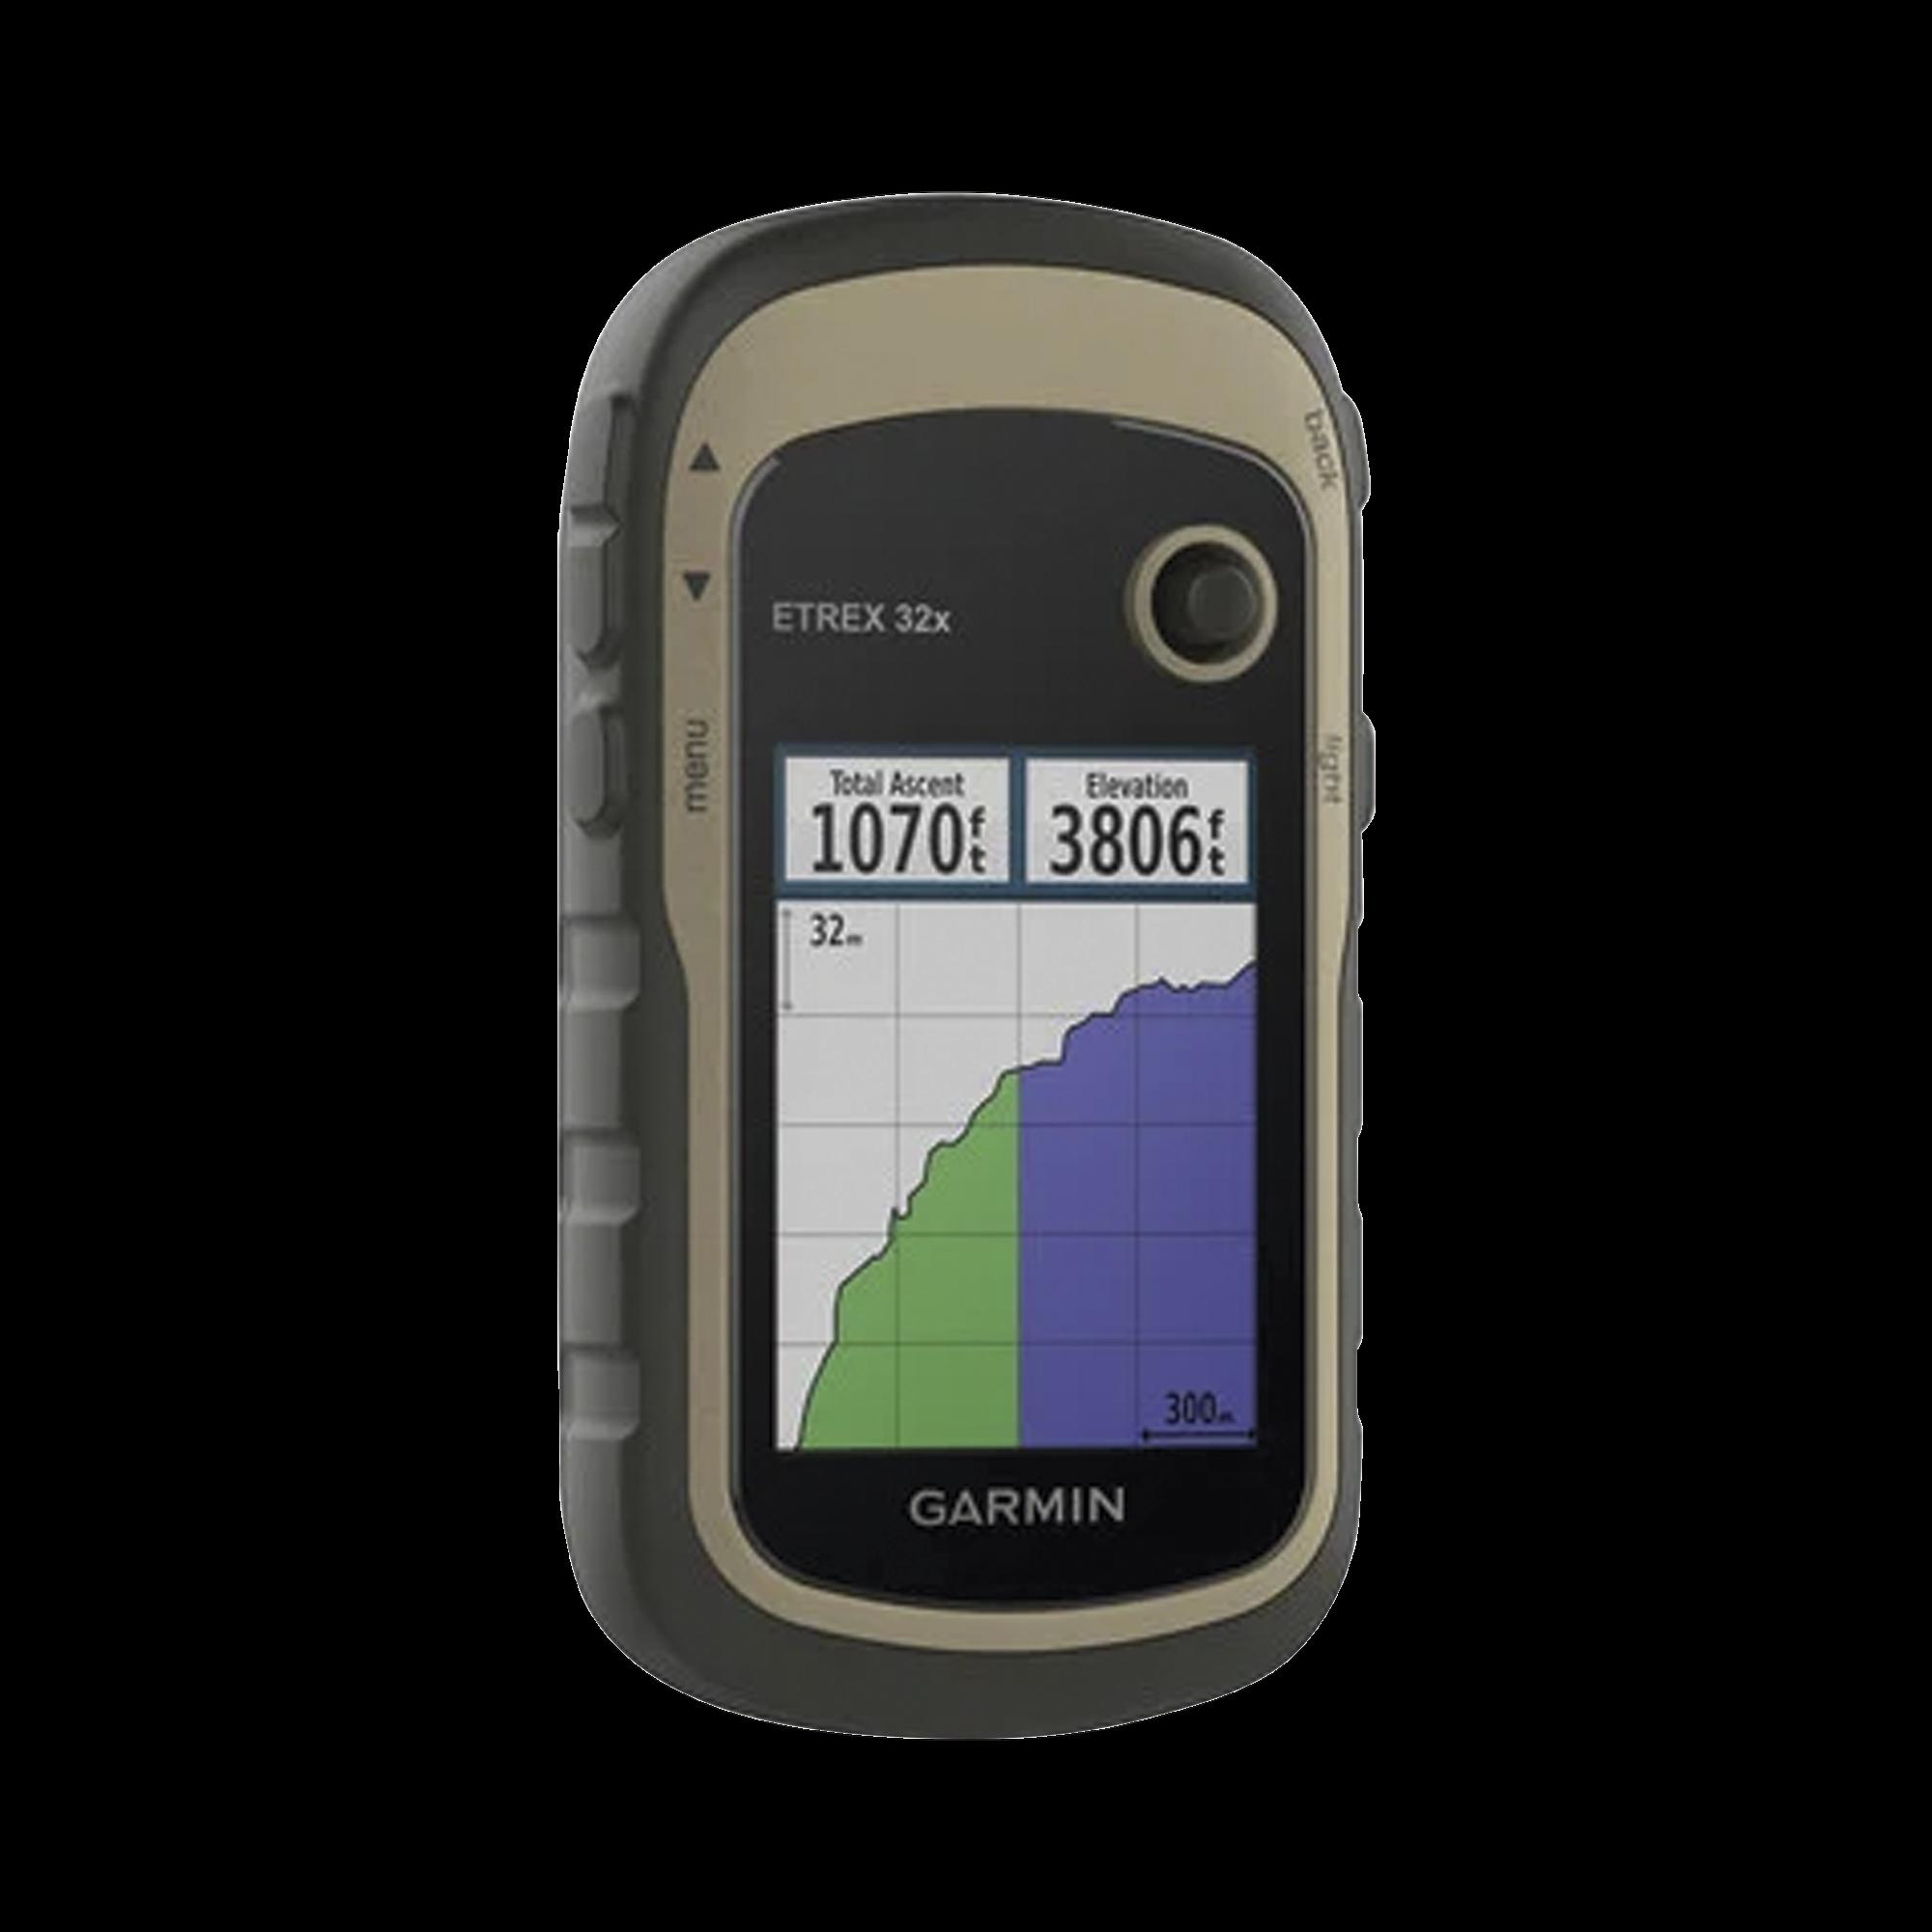 GPS portátil eTrex 32x con memoria interna de 8 GB, pantalla de 2.2 a color, con mapa topográfico de carreteras y senderos incluido.